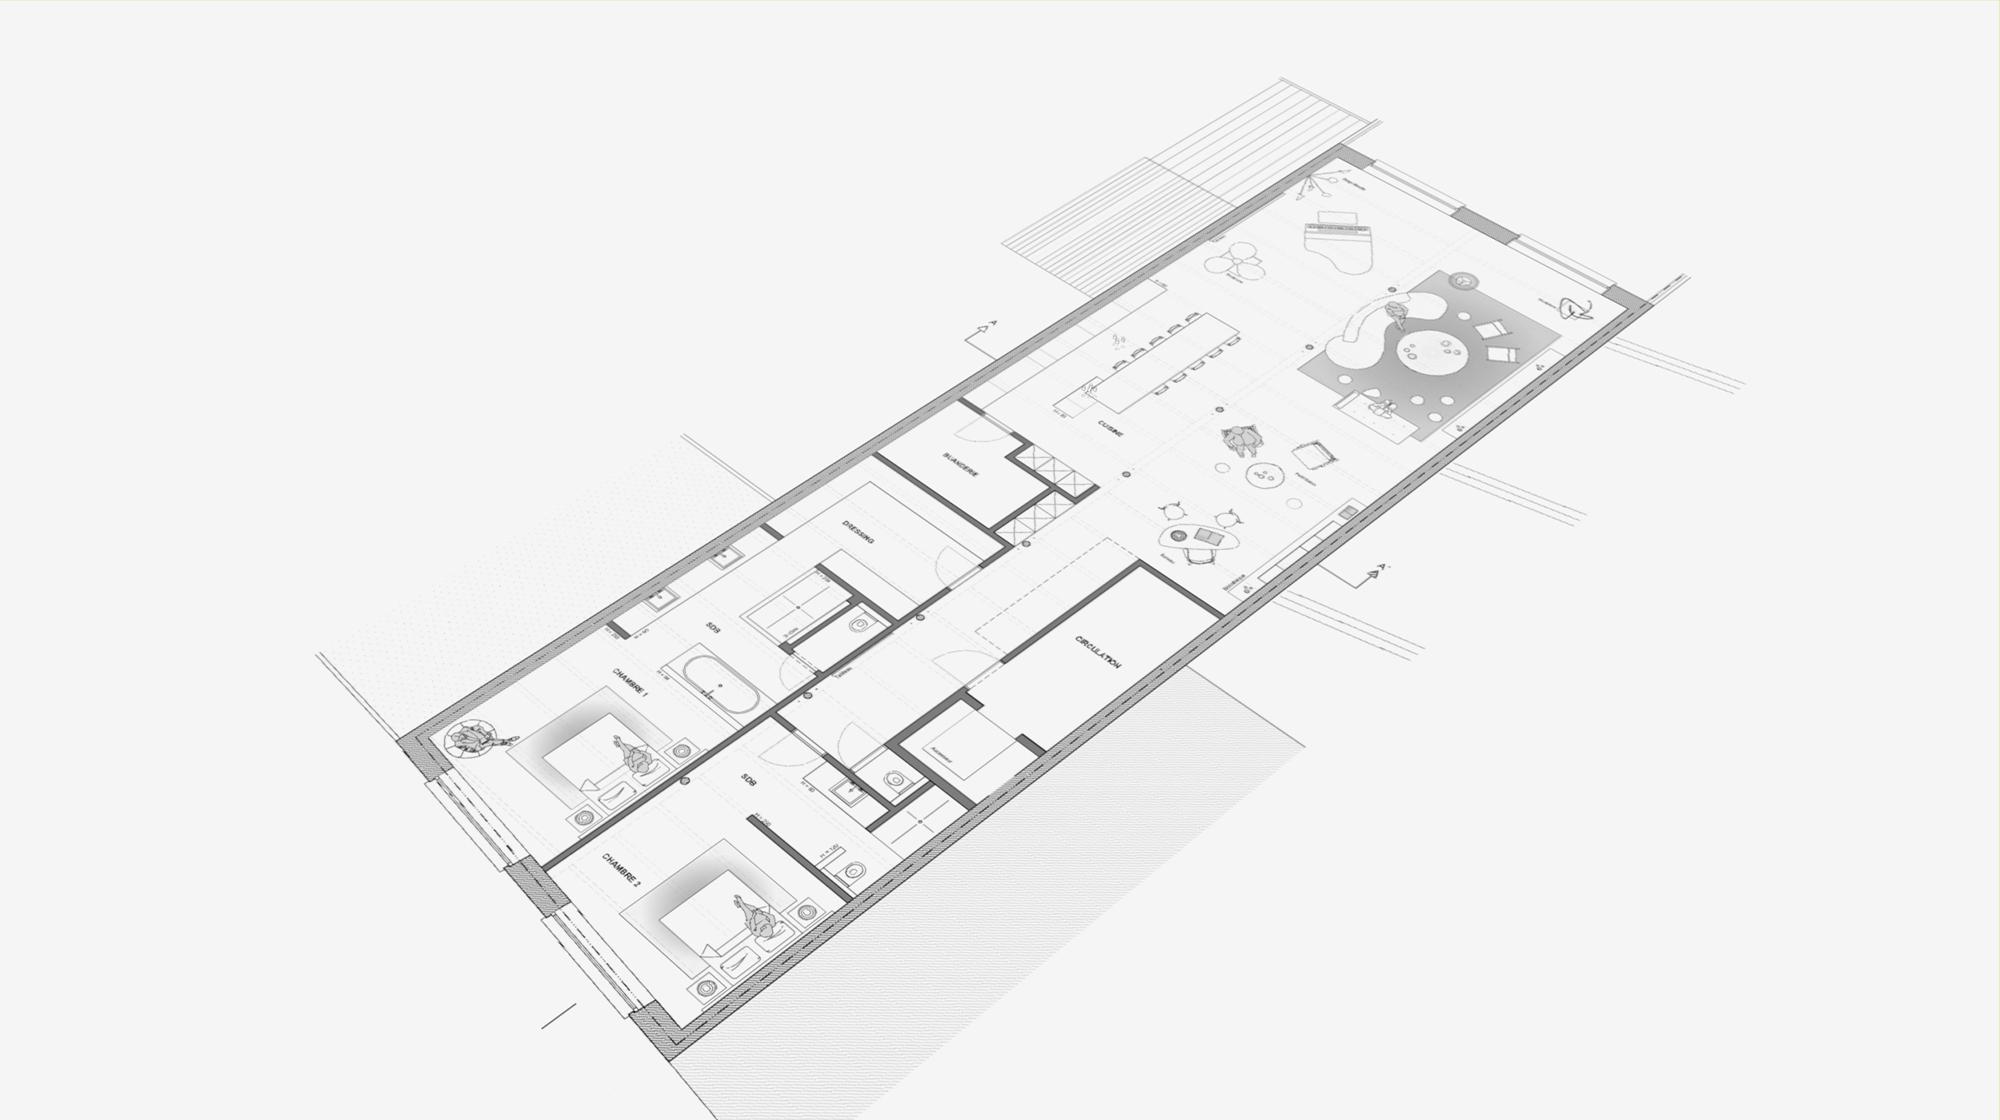 workflow-step-01b-2000x1120